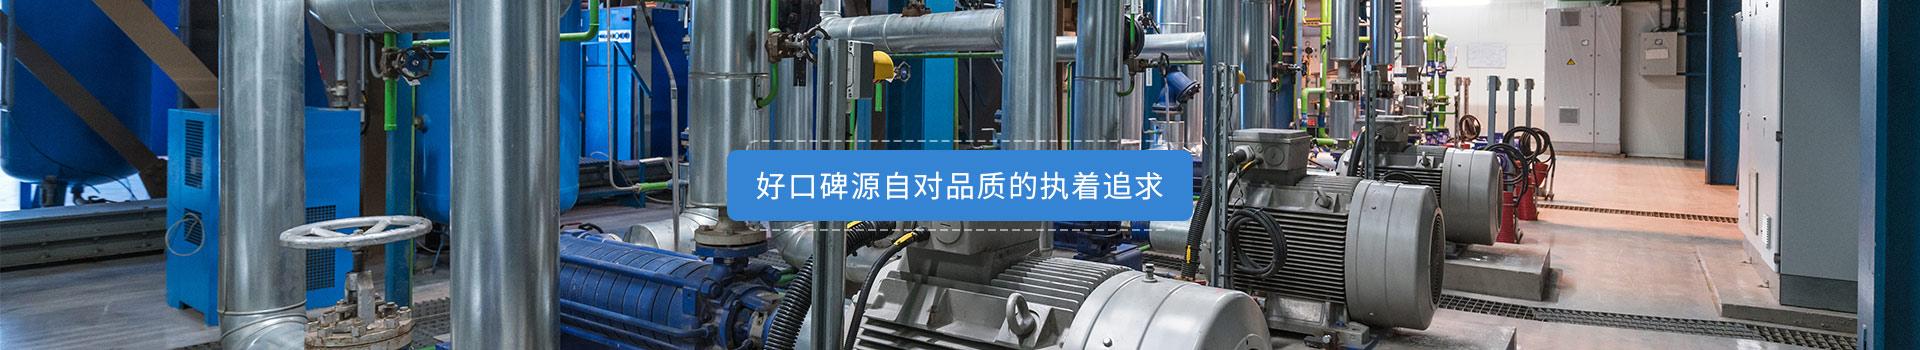 鑫特电机好口碑源自对品质的执着的追求